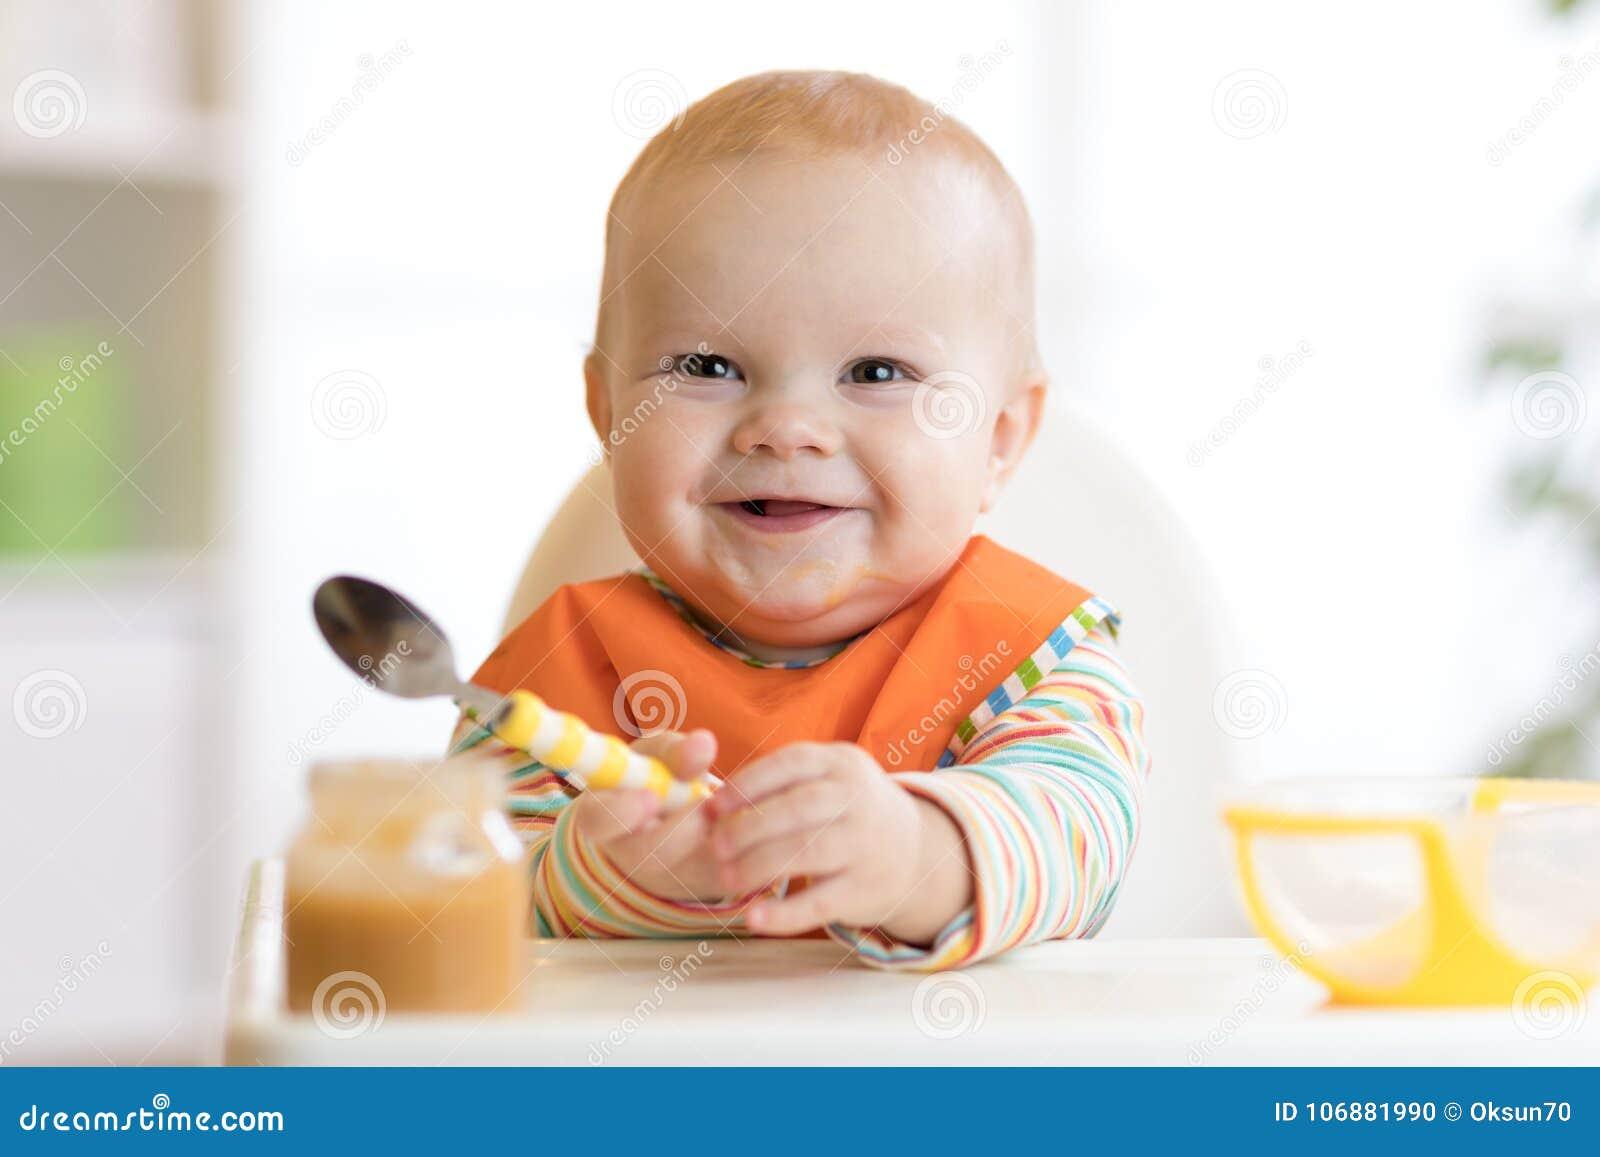 Жизнерадостный ребенок младенца ест еду саму с ложкой Портрет счастливого мальчика ребенк в высоком стульчике